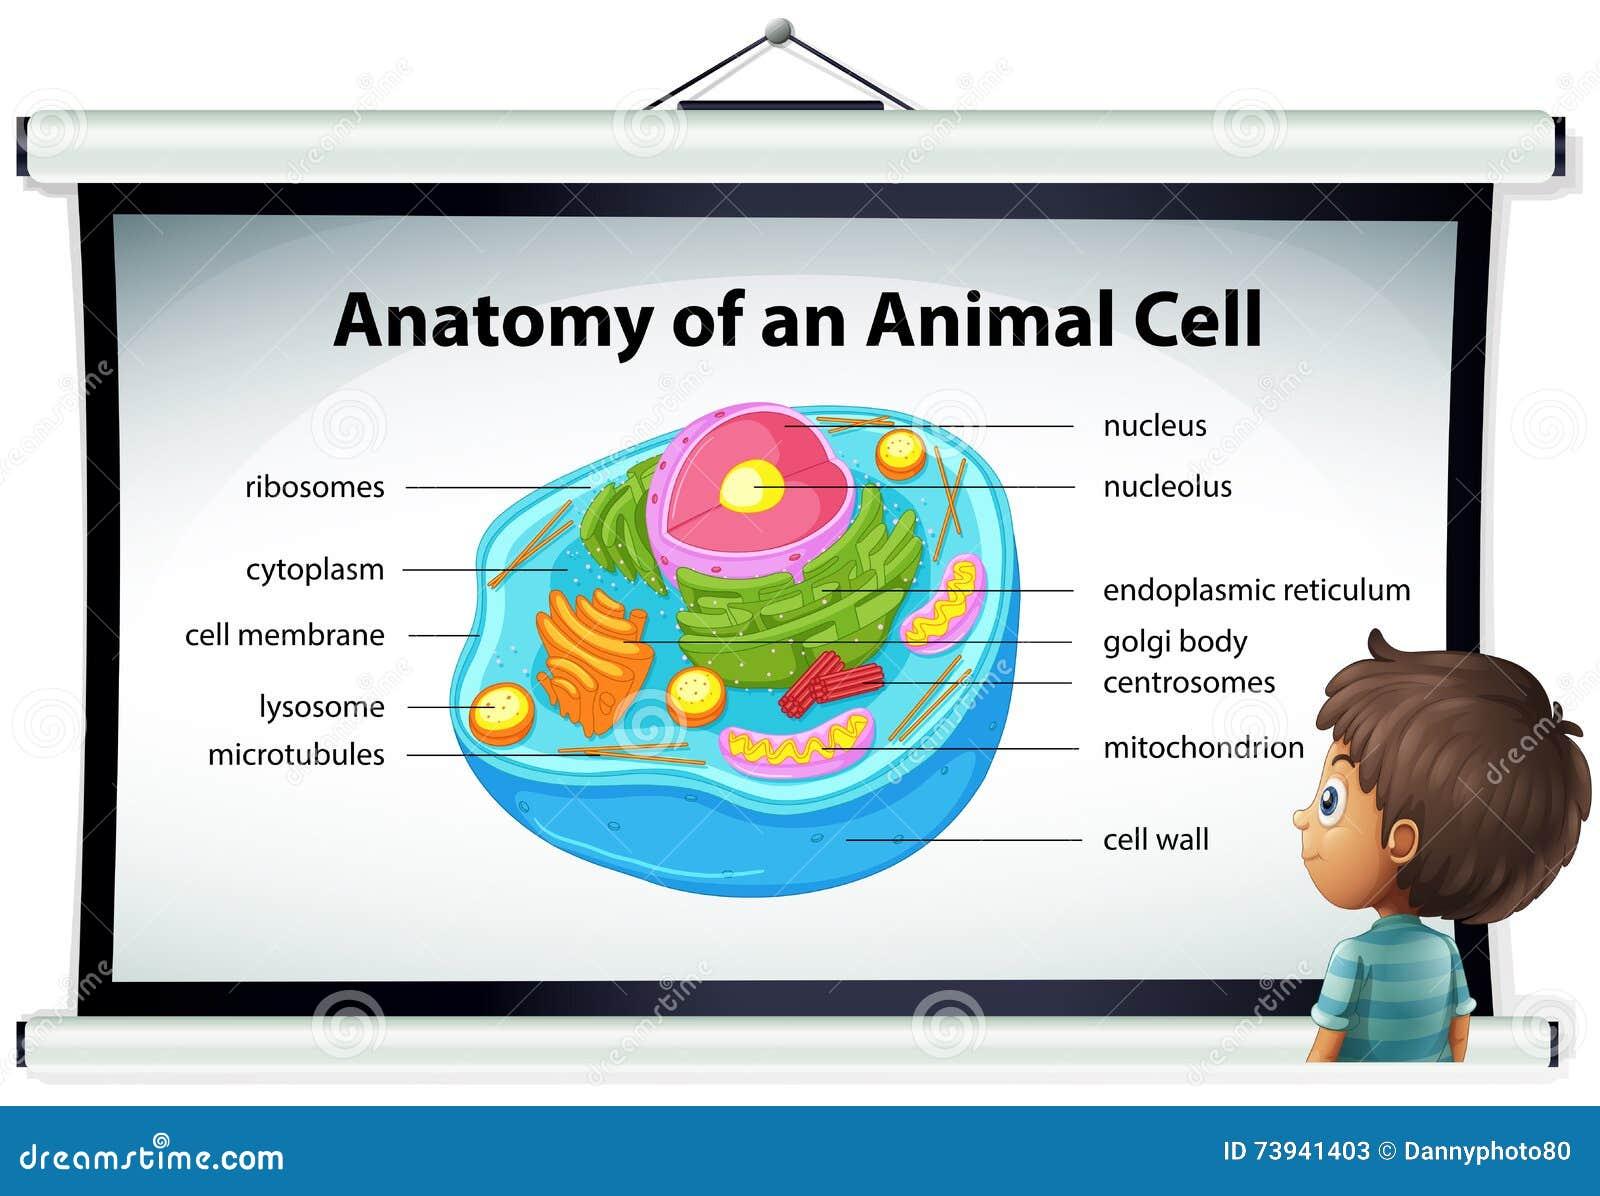 Diagramm, Das Anatomie Der Tierzelle Zeigt Vektor Abbildung ...